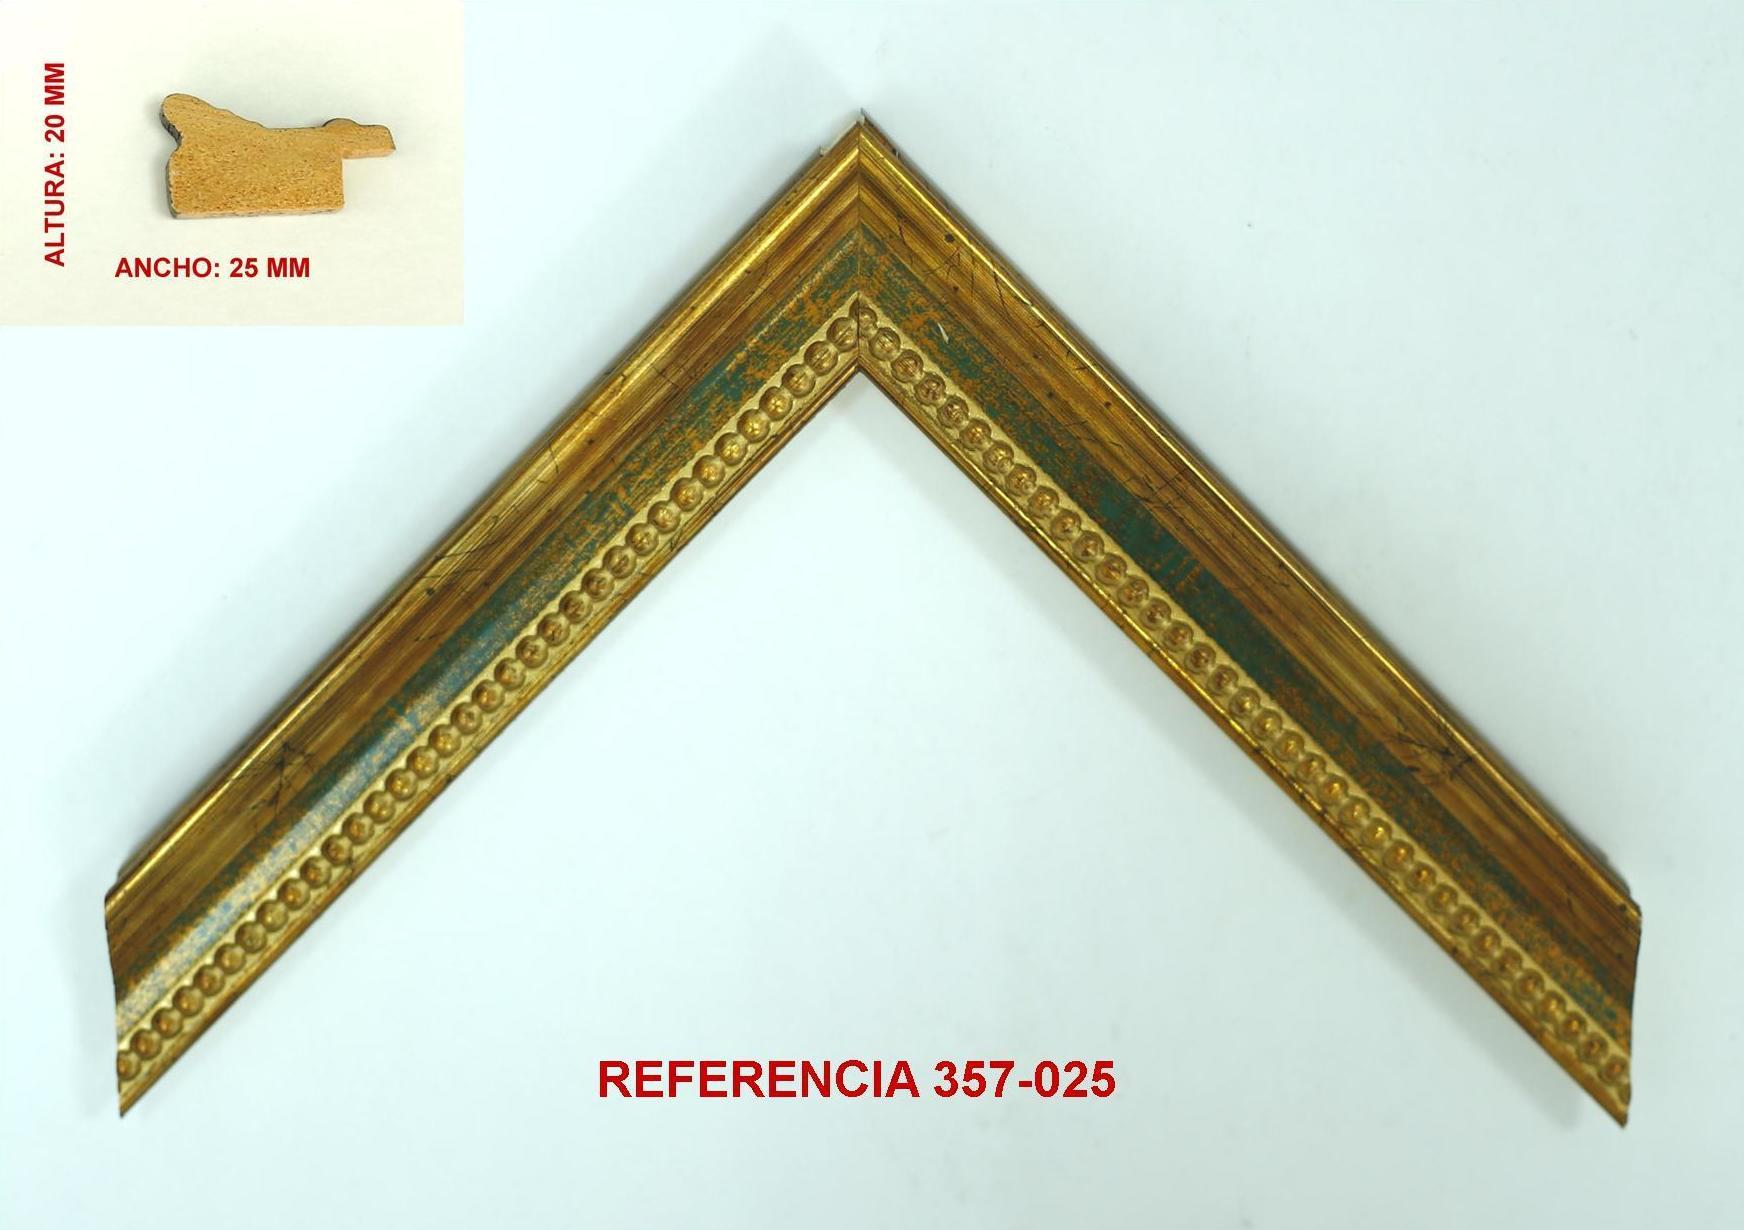 REF 357-025: Muestrario de Moldusevilla